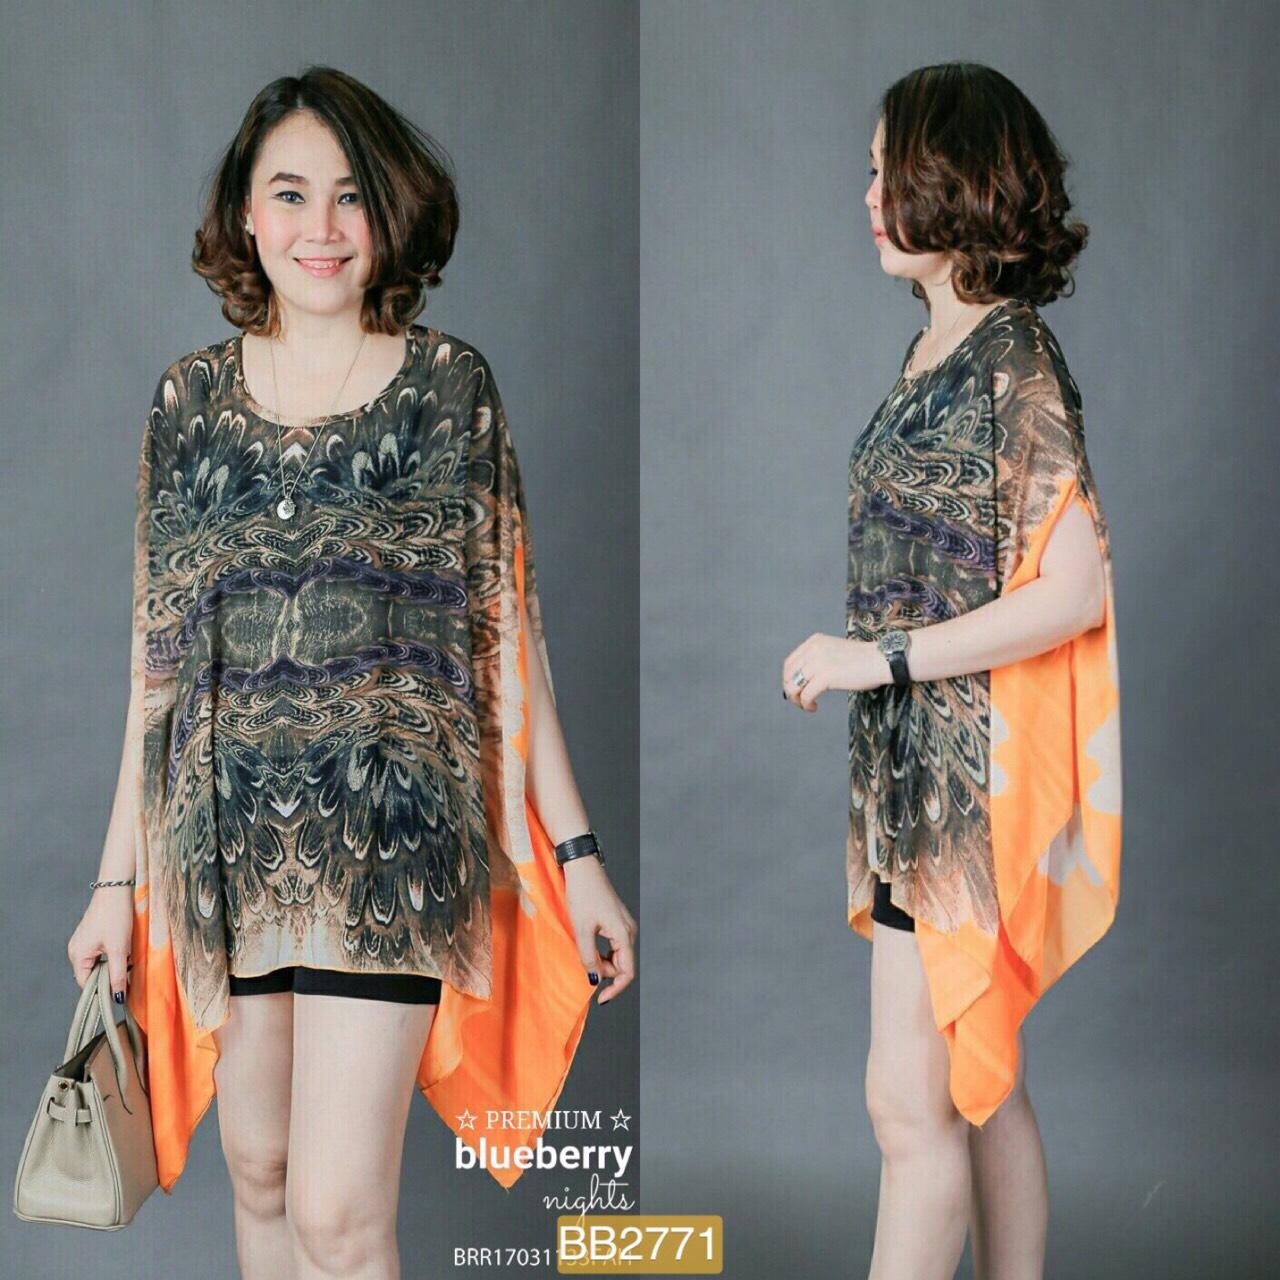 BB2771**สีส้ม**รอบอกฟรีไซส์(44-60) เสื้อเชิ้ตคลาสสิคโอเวอร์ไซส์พิมพ์ลายขนนก